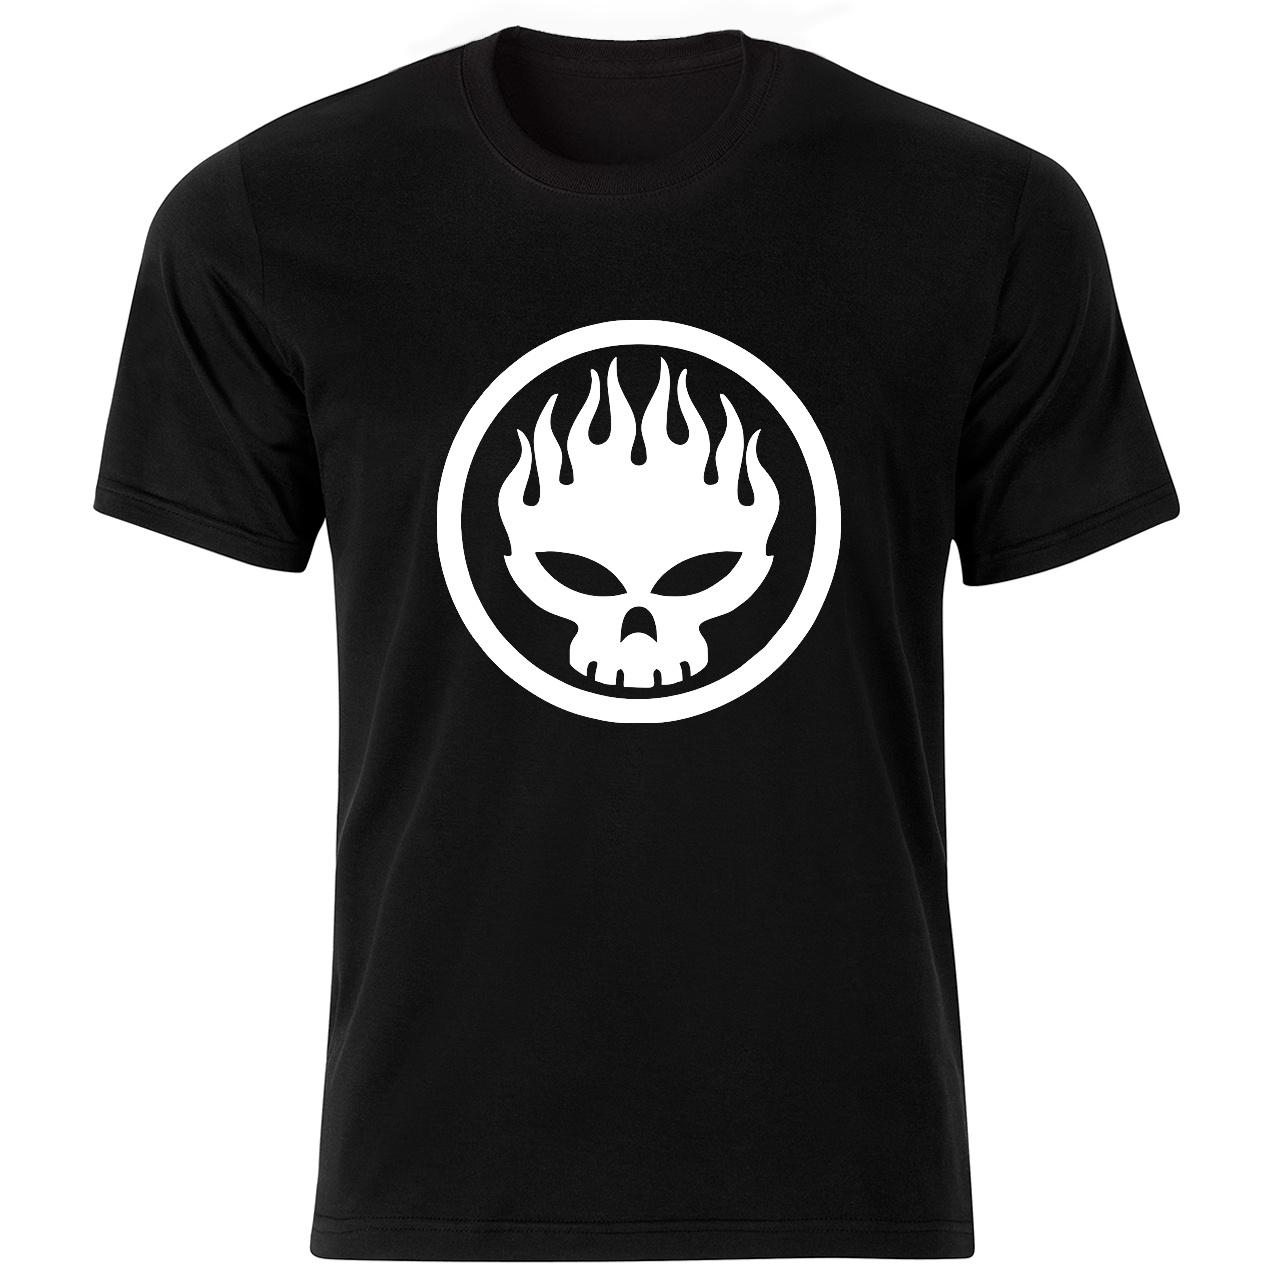 تی شرت آستین کوتاه مردانه طرح اسکلت کد 18139 BW